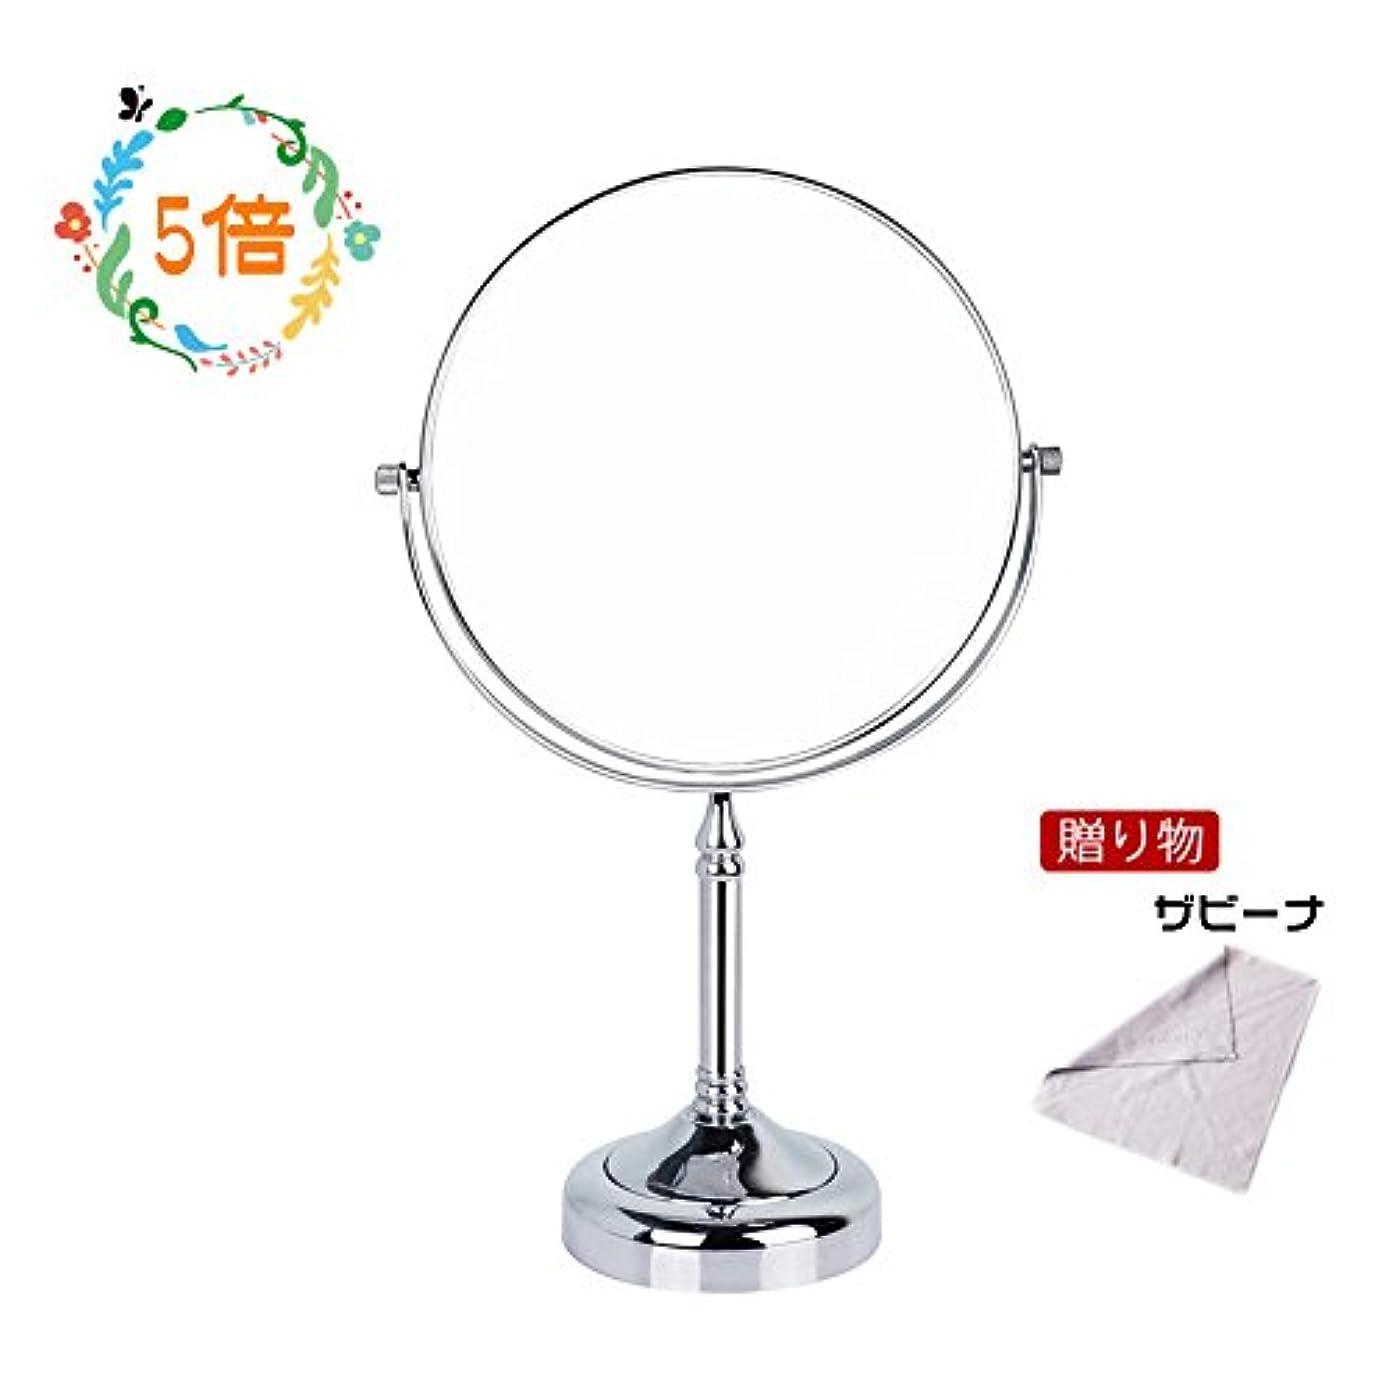 配置パラダイスうっかりGURUN  化粧鏡 スタンド メイク 拡大鏡 5倍 卓上ミラー 女優 真鍮 プレゼント JP2251-8*5